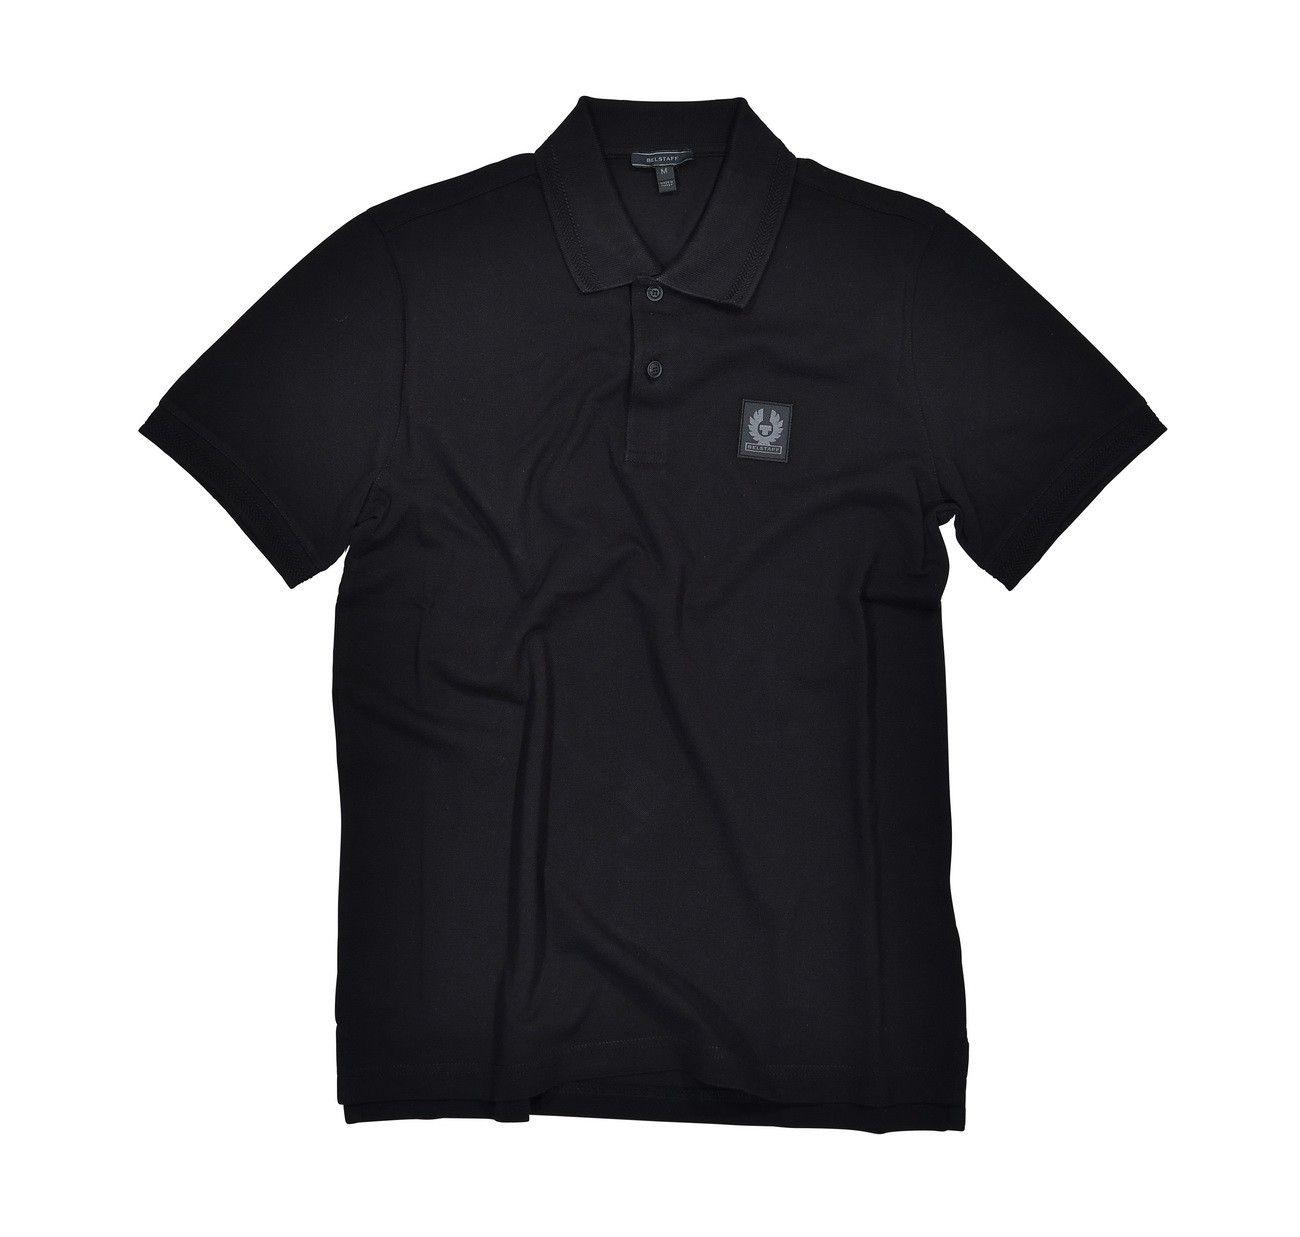 BELSTAFF - Herren Poloshirt - Stannett - Black